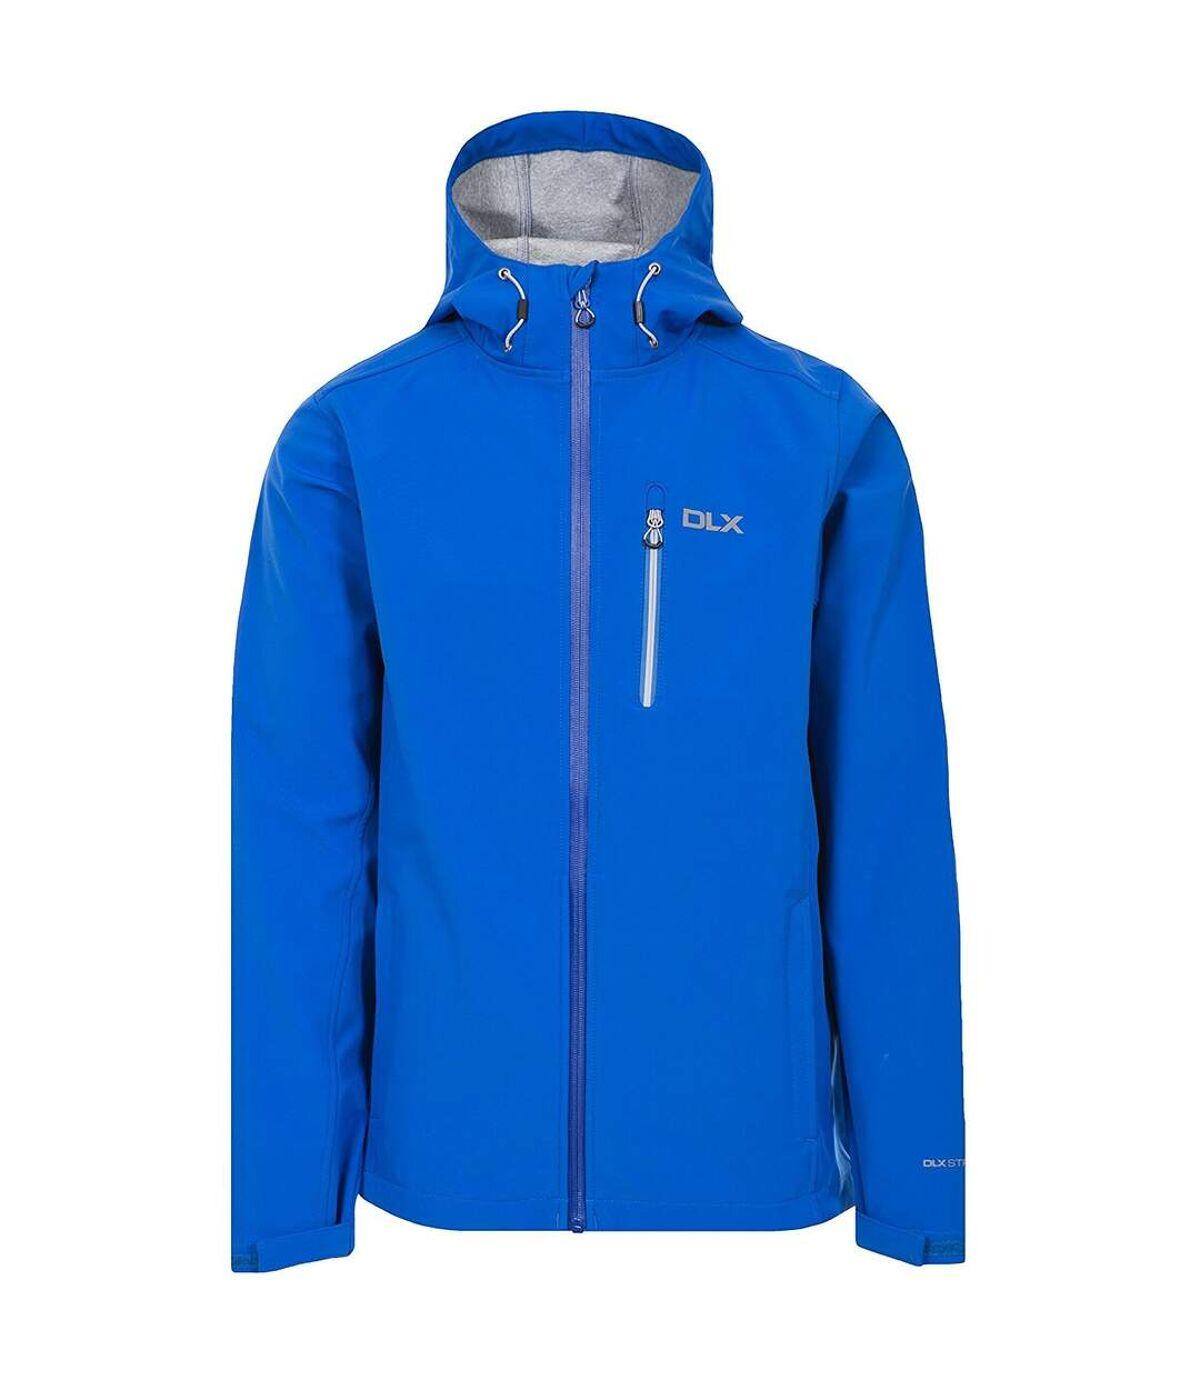 Trespass Mens Marten DLX Softshell Jacket (Blue) - UTTP3801